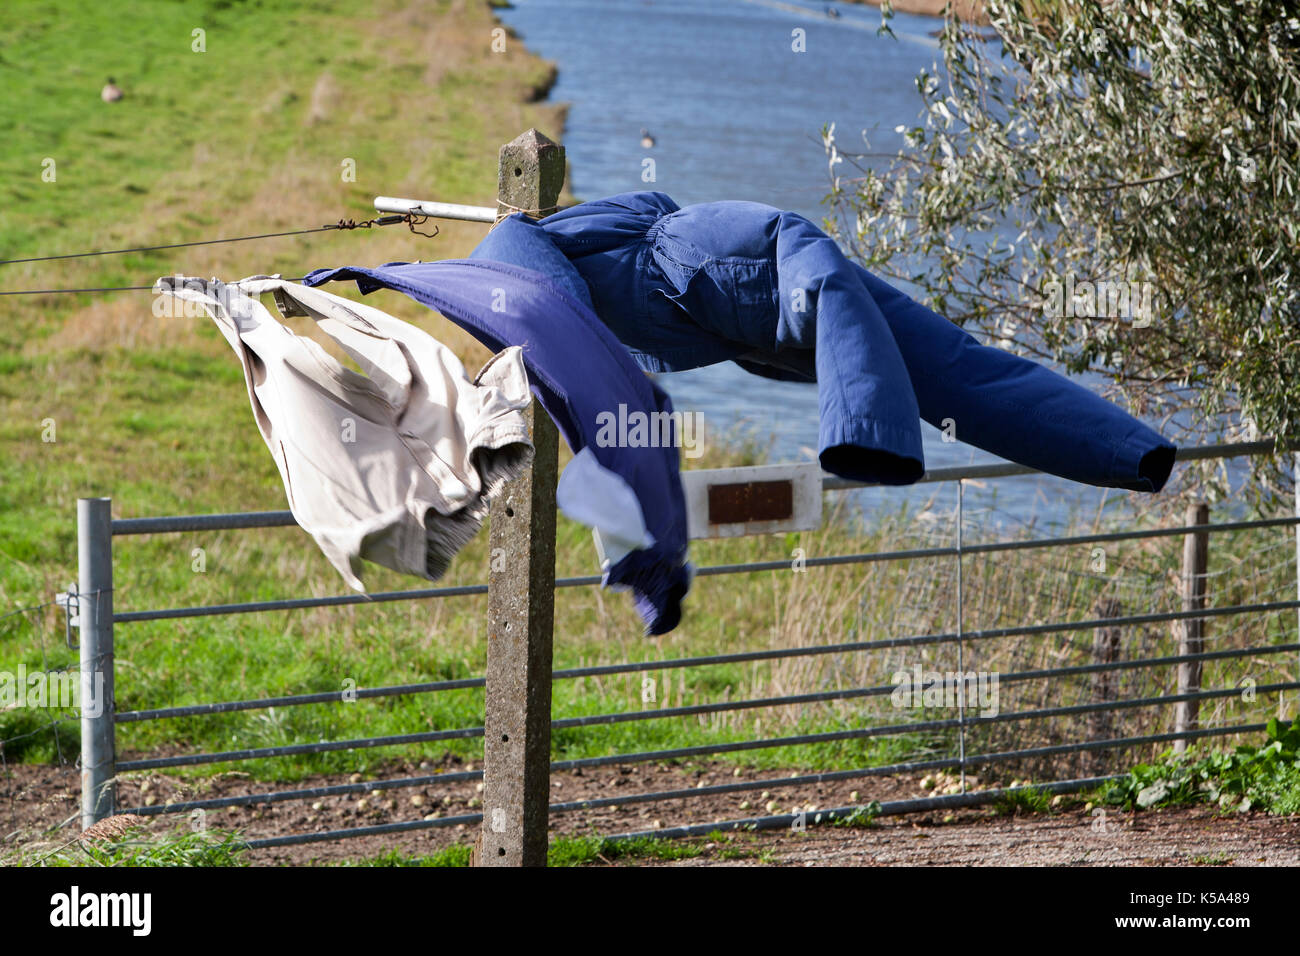 Rurale scena della complessiva e il pantalone al vento Immagini Stock